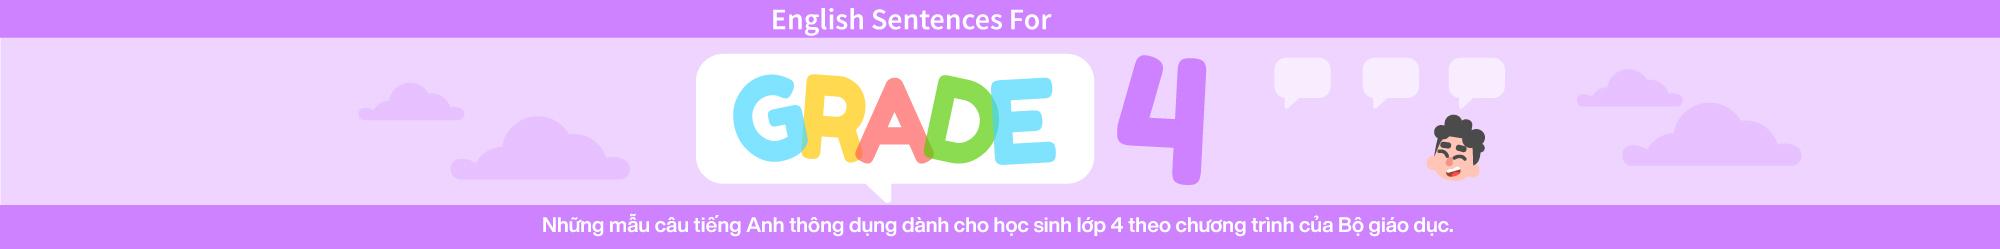 Sentences For English Grade 4 banner